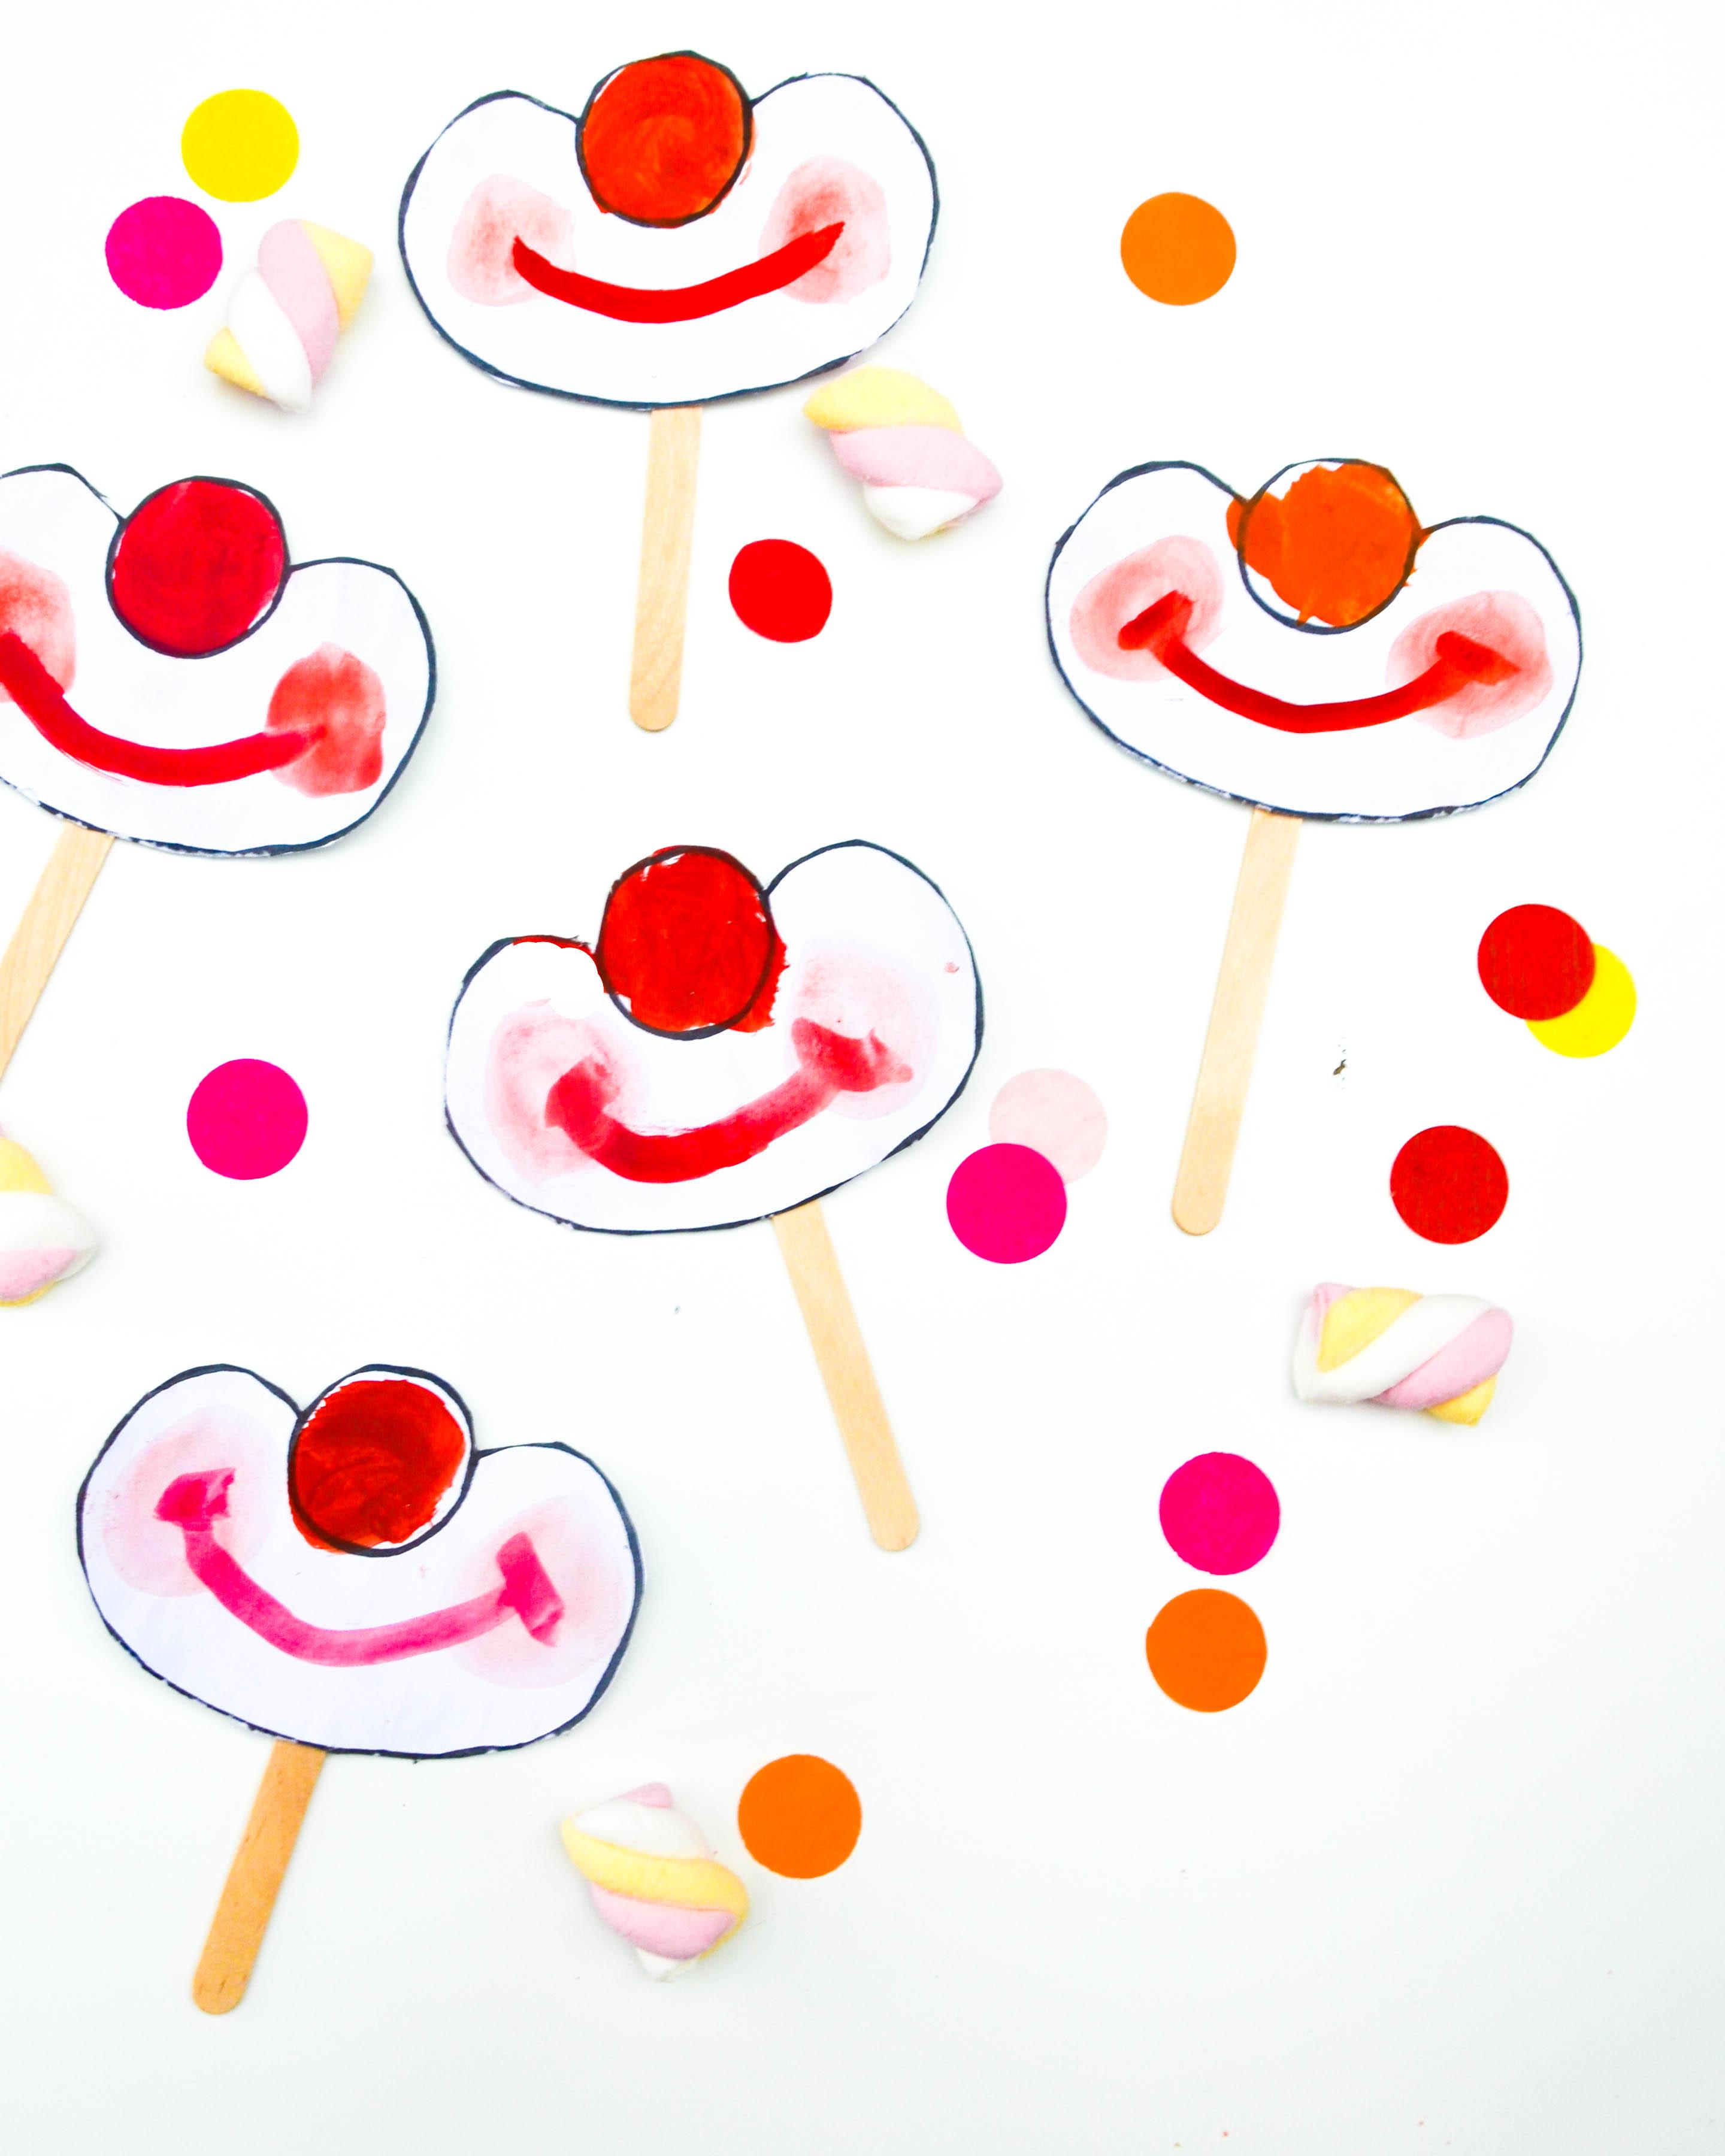 clown am stiel einladung zur zirkusparty wasf rmich. Black Bedroom Furniture Sets. Home Design Ideas